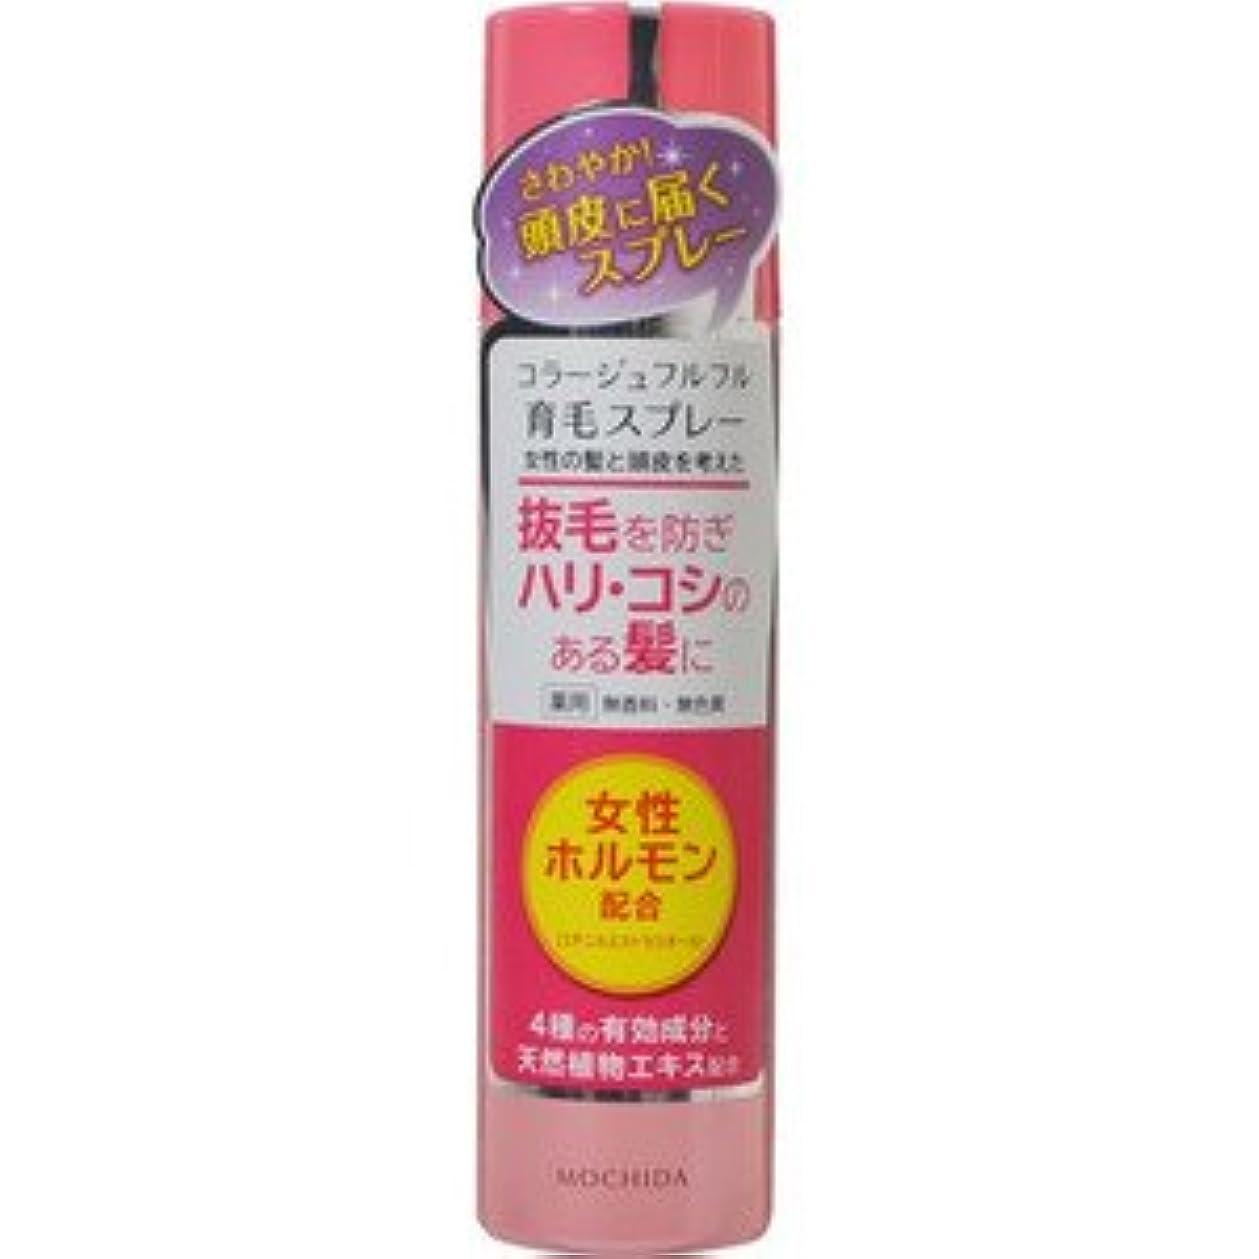 むしゃむしゃ休憩なしで(持田ヘルスケア)コラージュフルフル 育毛スプレー 150g(医薬部外品)